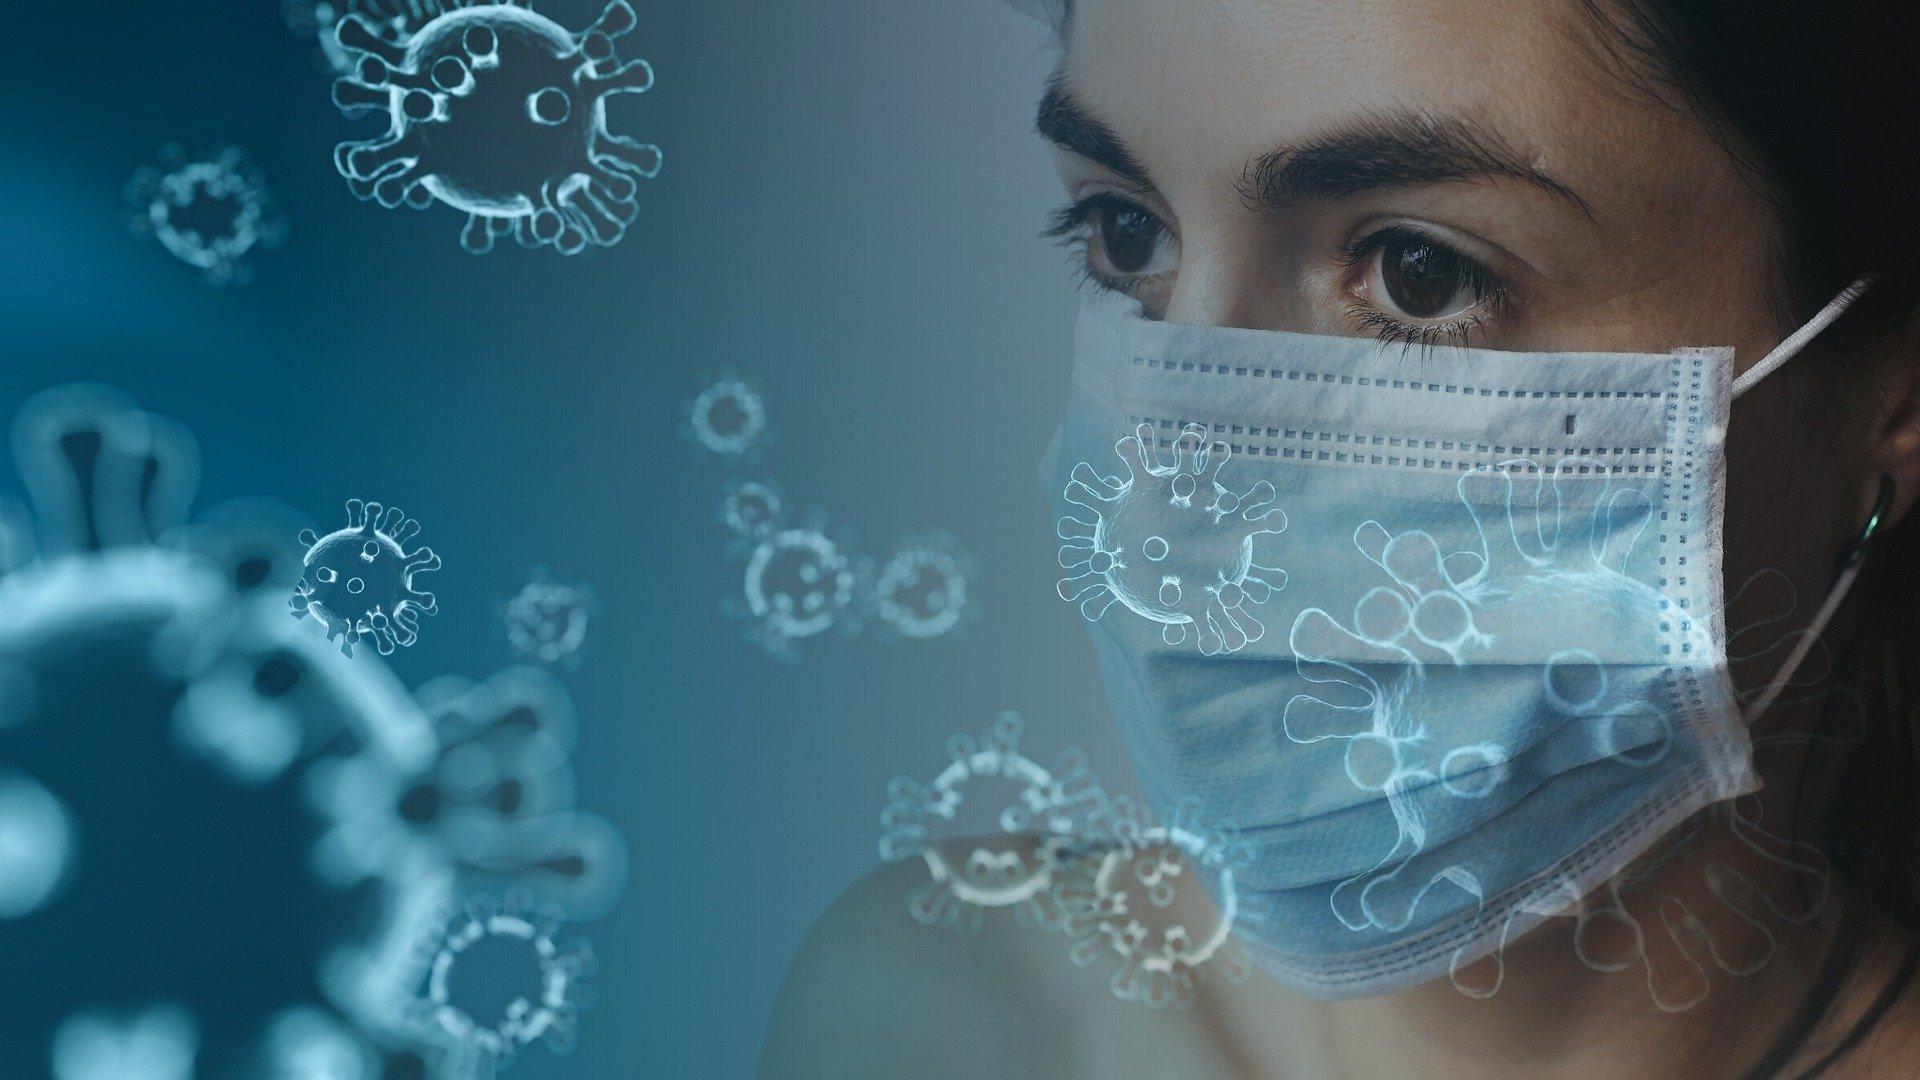 Minas registra mais 88 óbitos por Coronavírus nas últimas 24 horas. Em  Barbacena é registrado o 10º óbito - BarbacenaMais - Notícias de Barbacena  e região